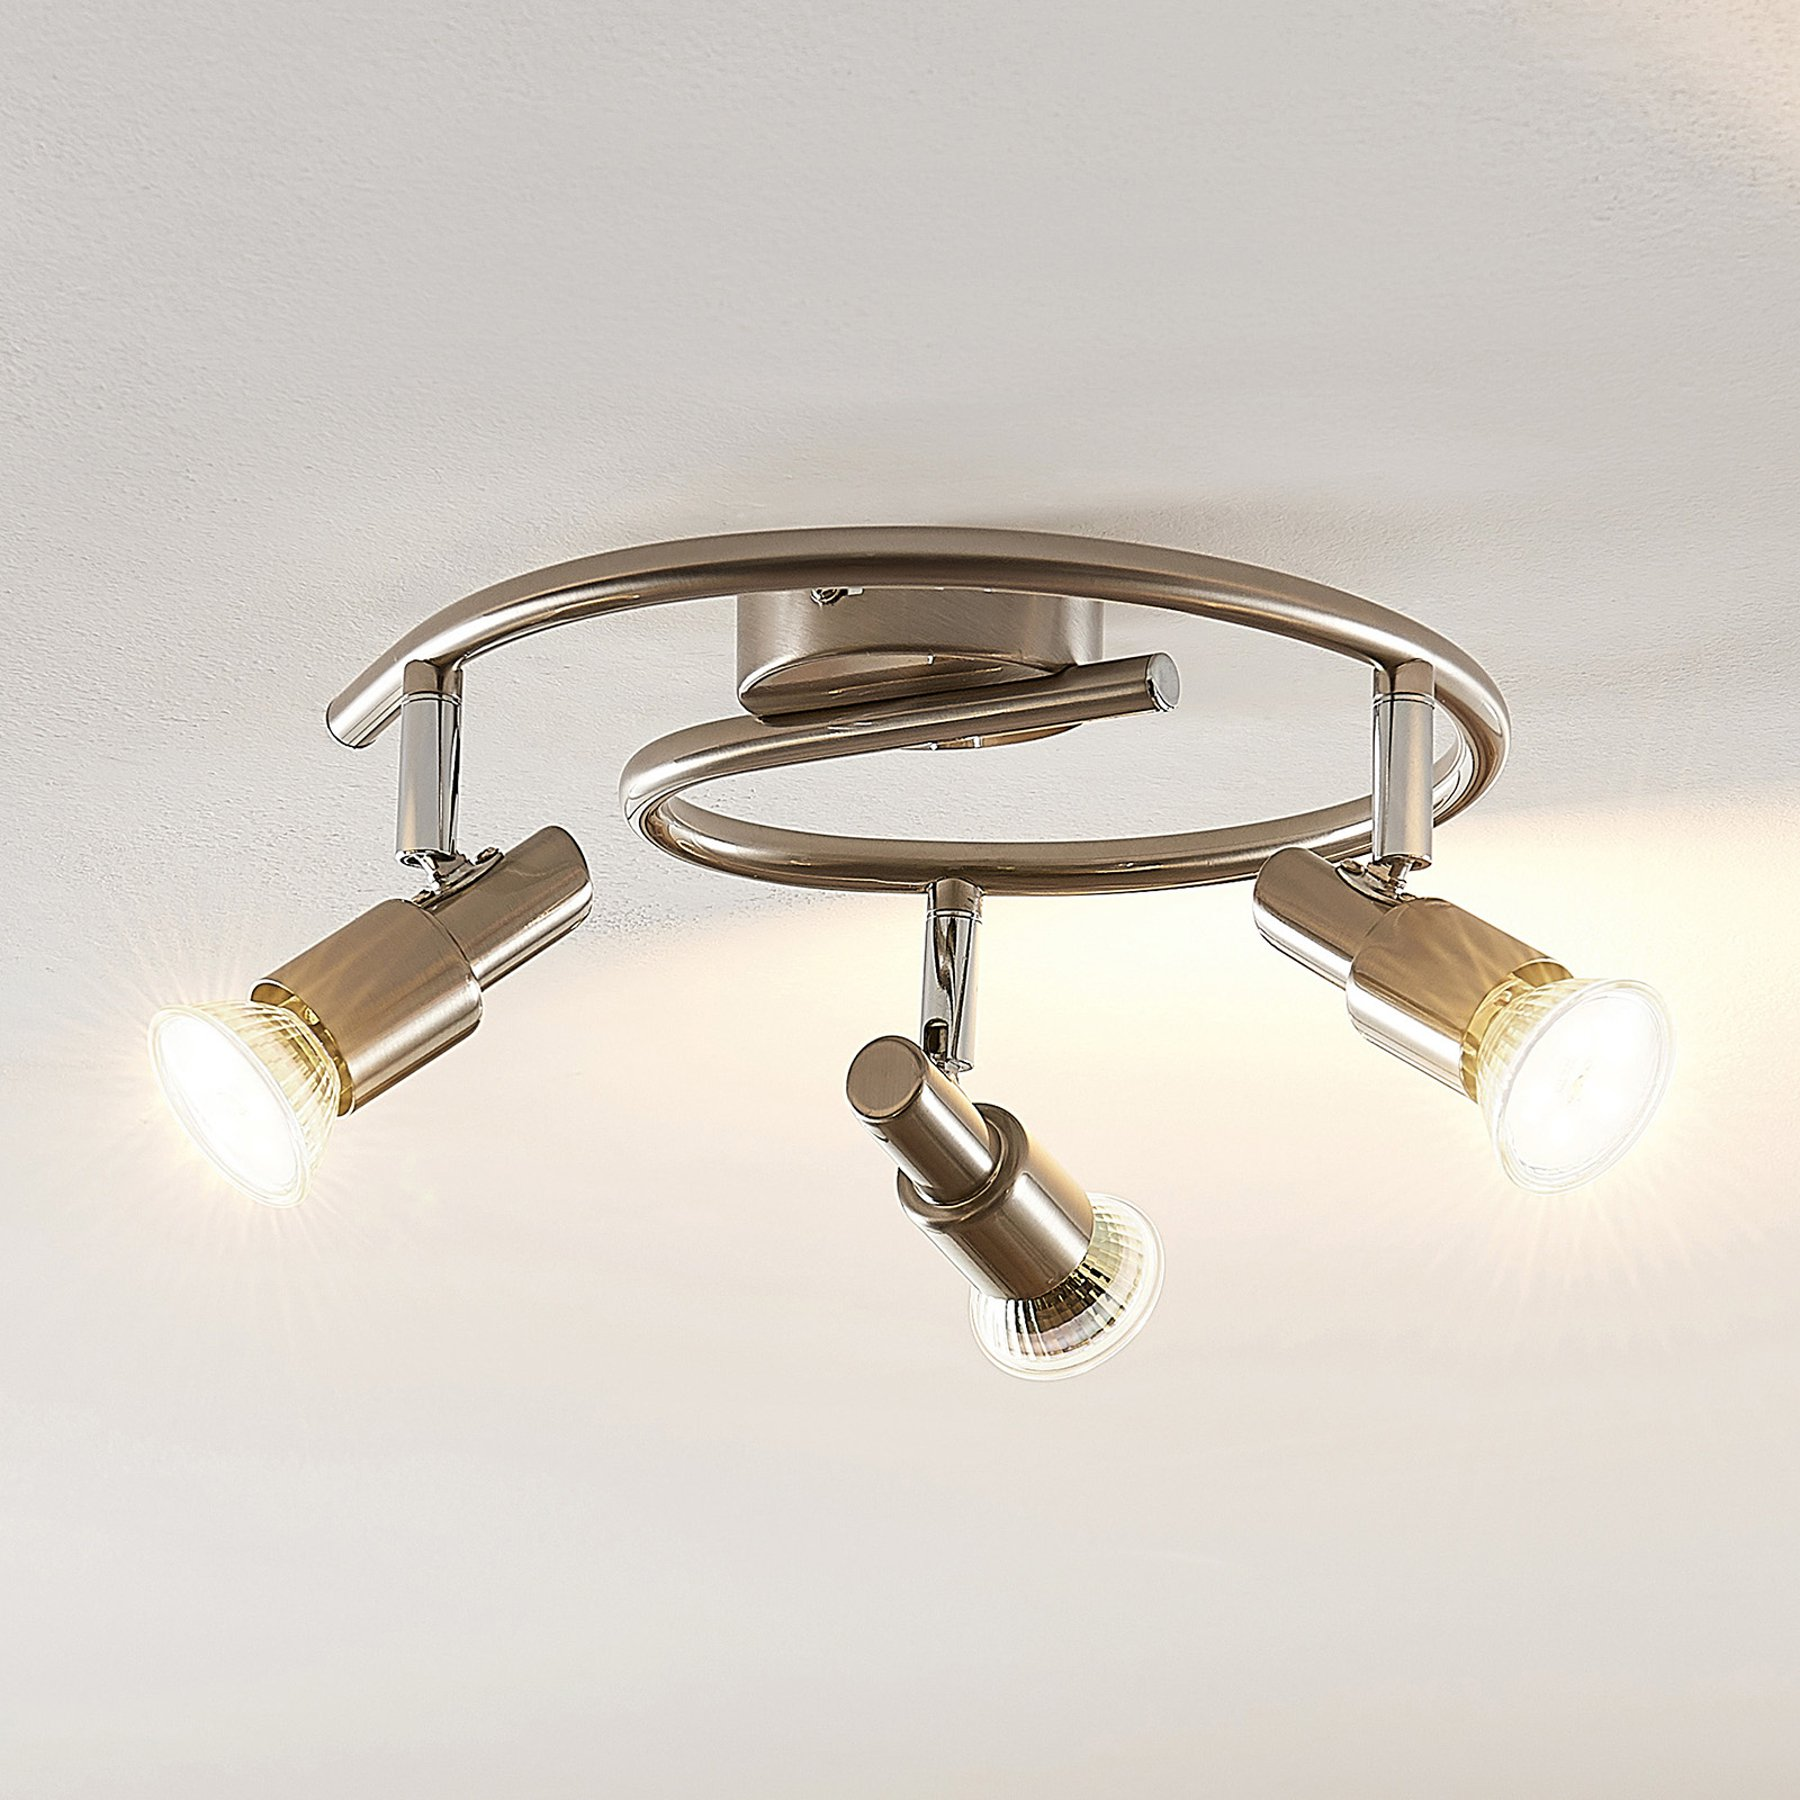 ELC Farida LED-taklampe, nikkel, 3 lyskilder